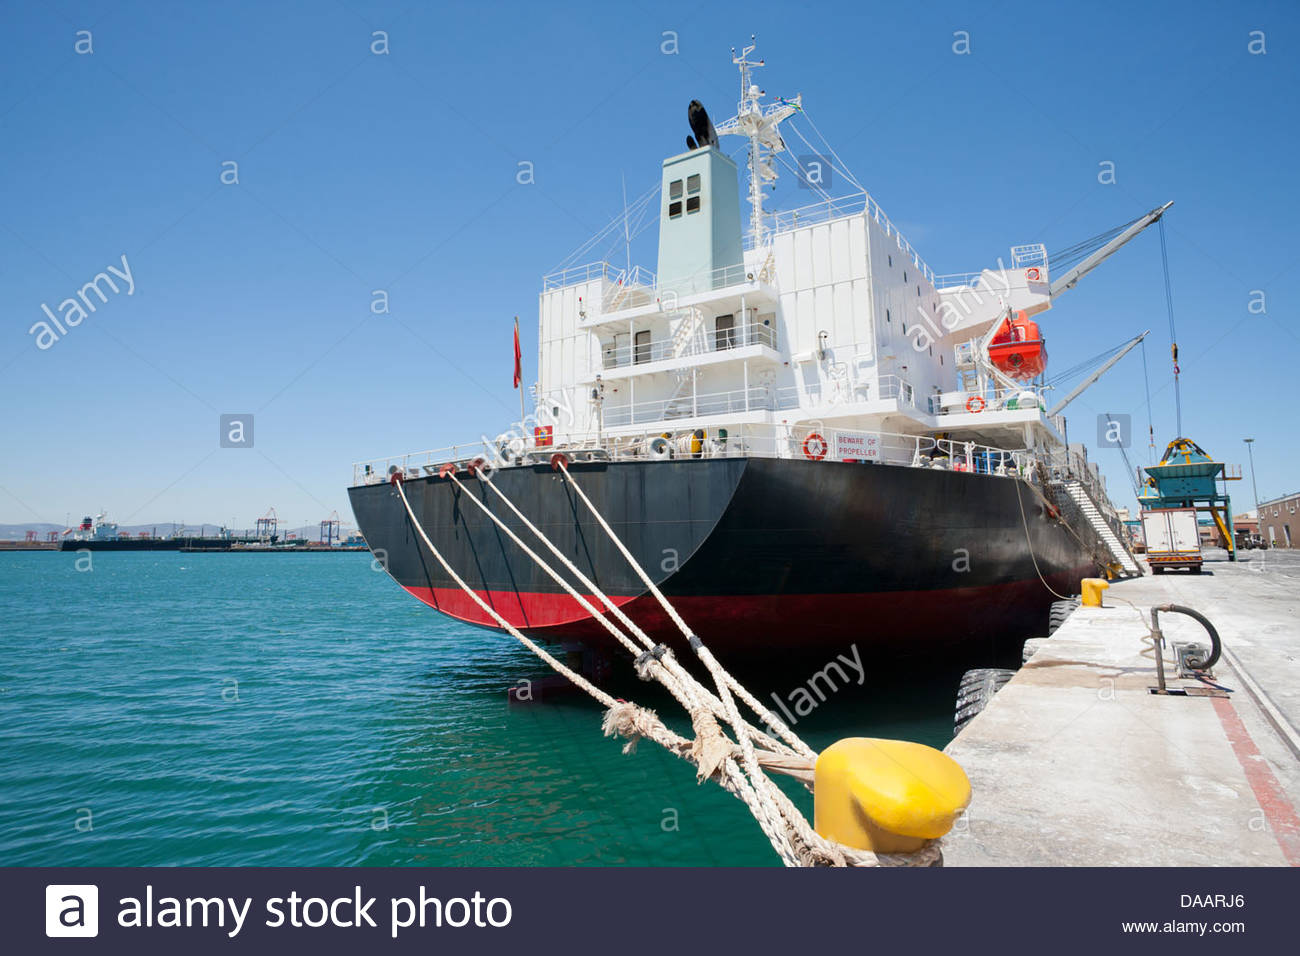 Bulk tanker moored at commercial dock - Stock Image